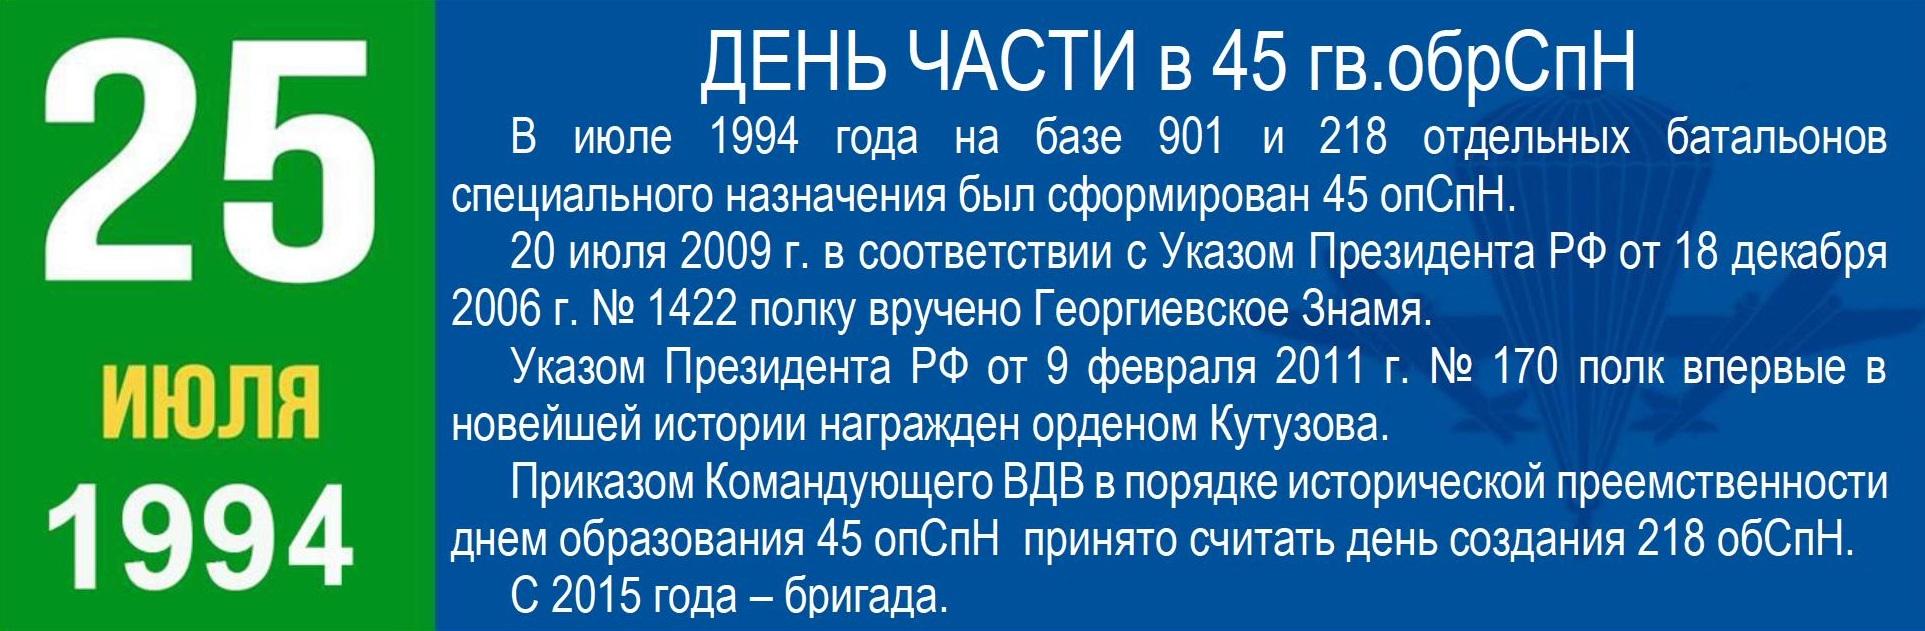 45-Я ОТДЕЛЬНАЯ ГВАРДЕЙСКАЯ ОРДЕНОВ КУТУЗОВА И АЛЕКСАНДРА НЕВСКОГО БРИГАДА СПЕЦИАЛЬНОГО НАЗНАЧЕНИЯ